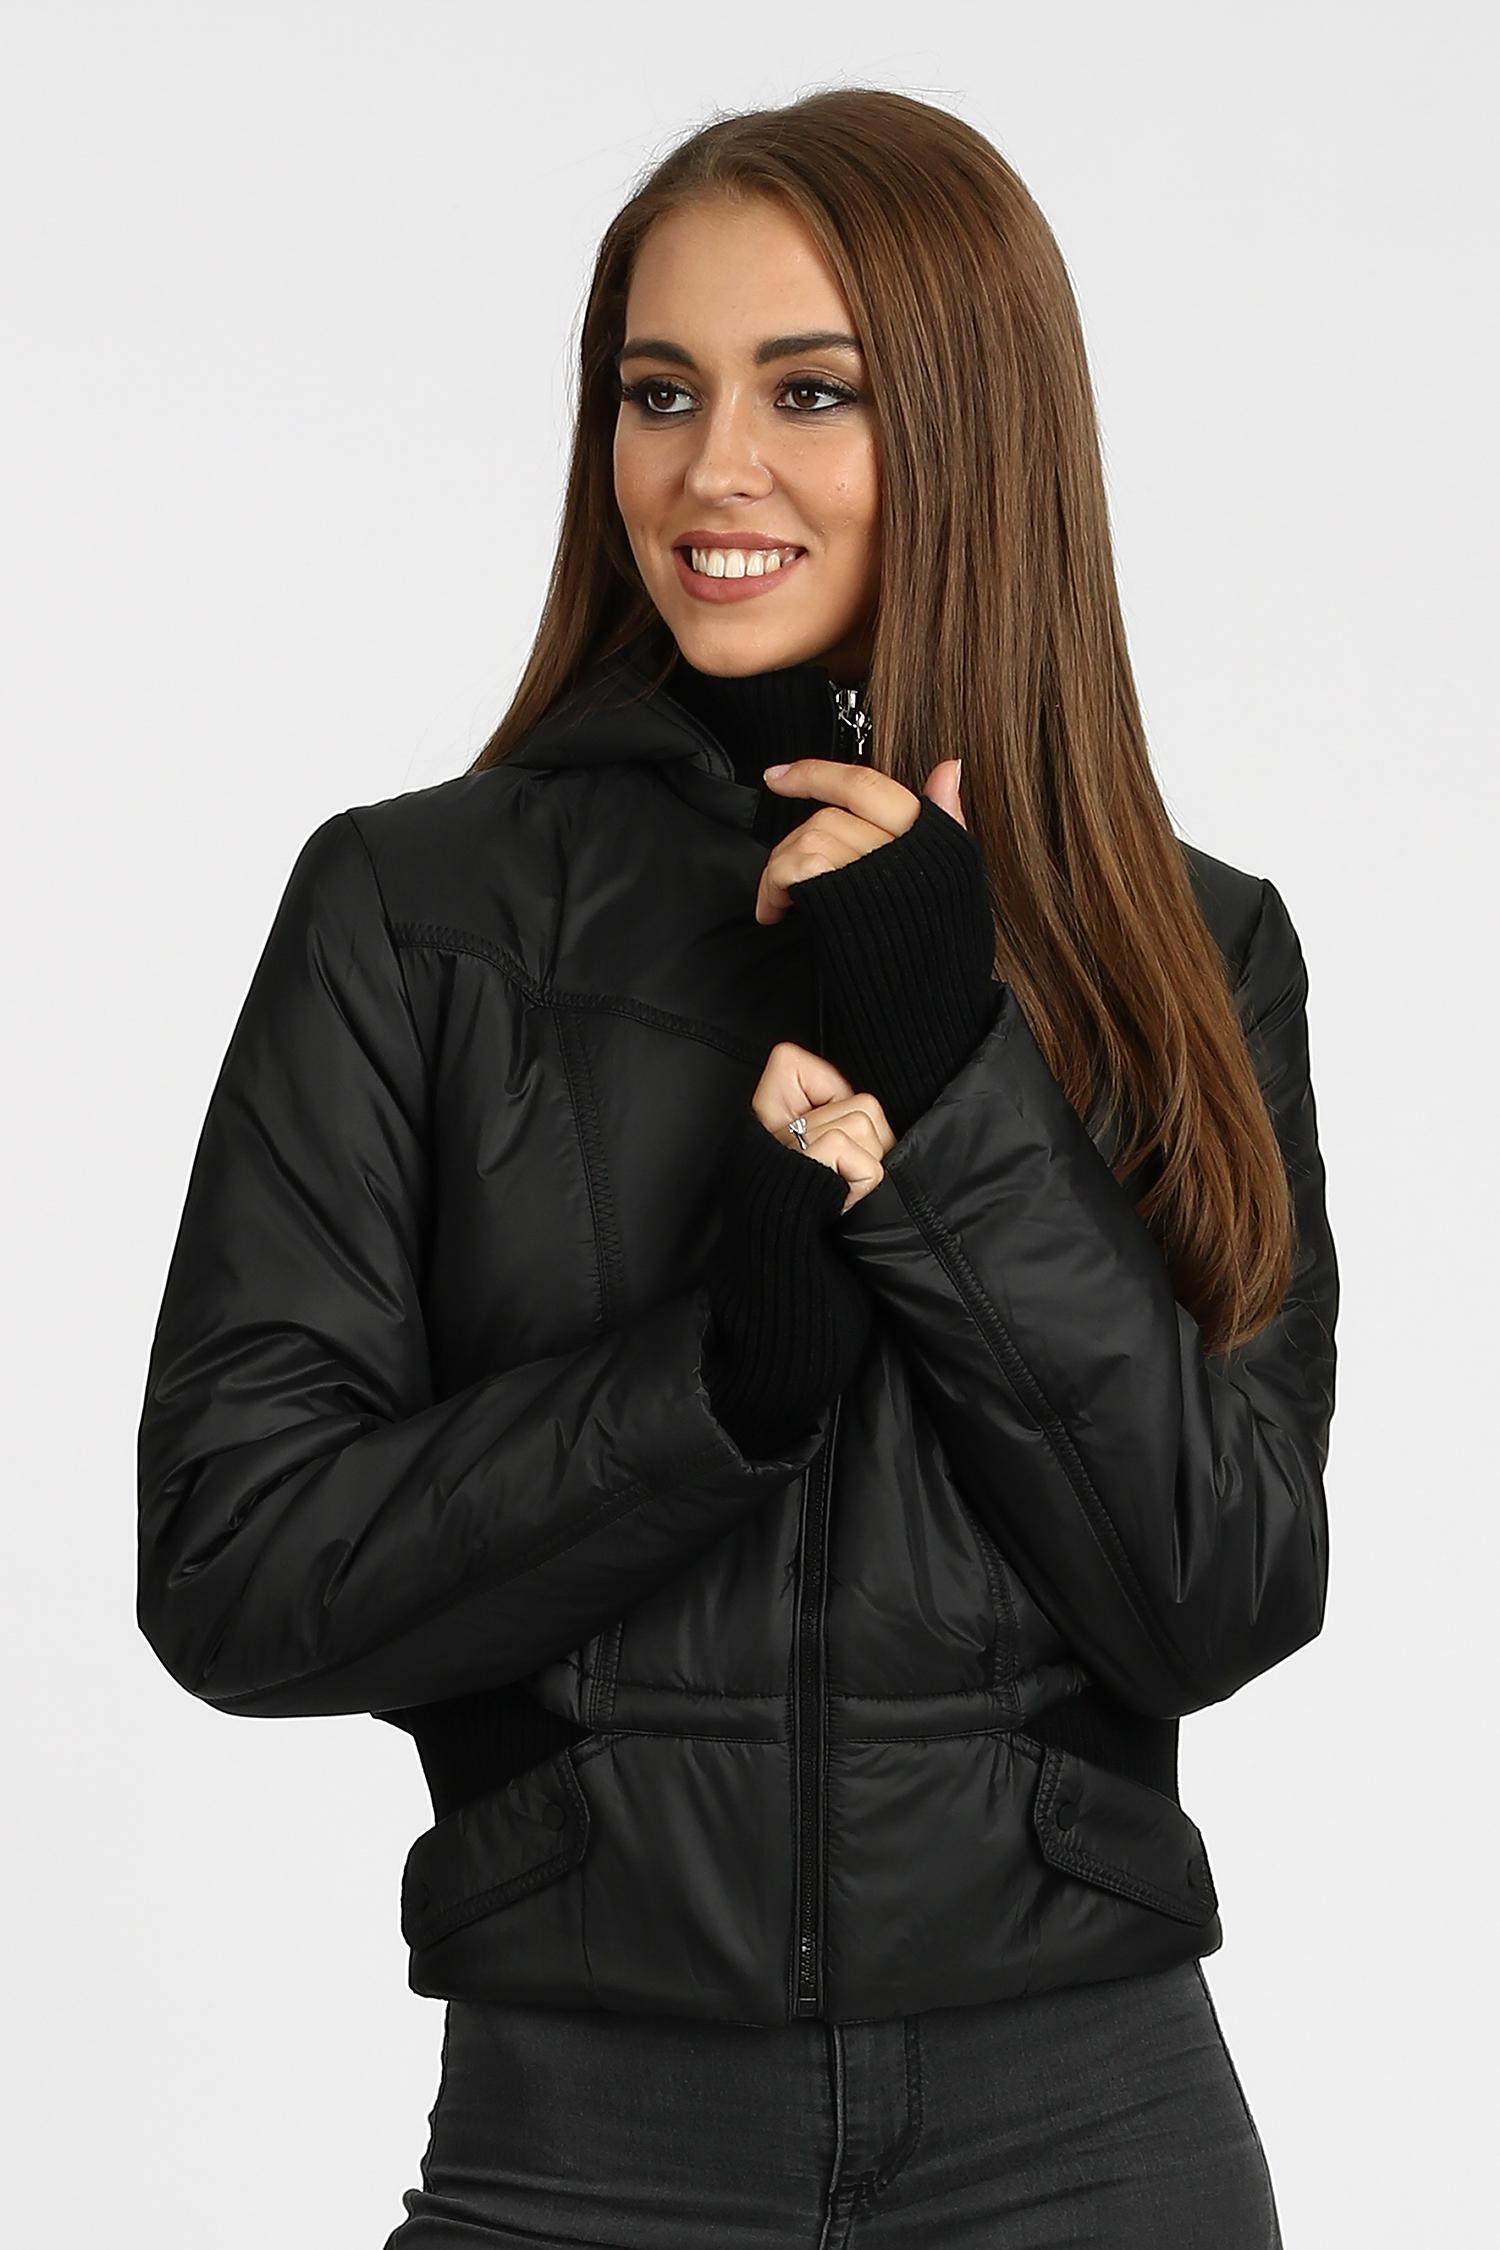 Купить Куртка женская из текстиля с капюшоном, без отделки, МОСМЕХА, черный, Текстиль, 1000950